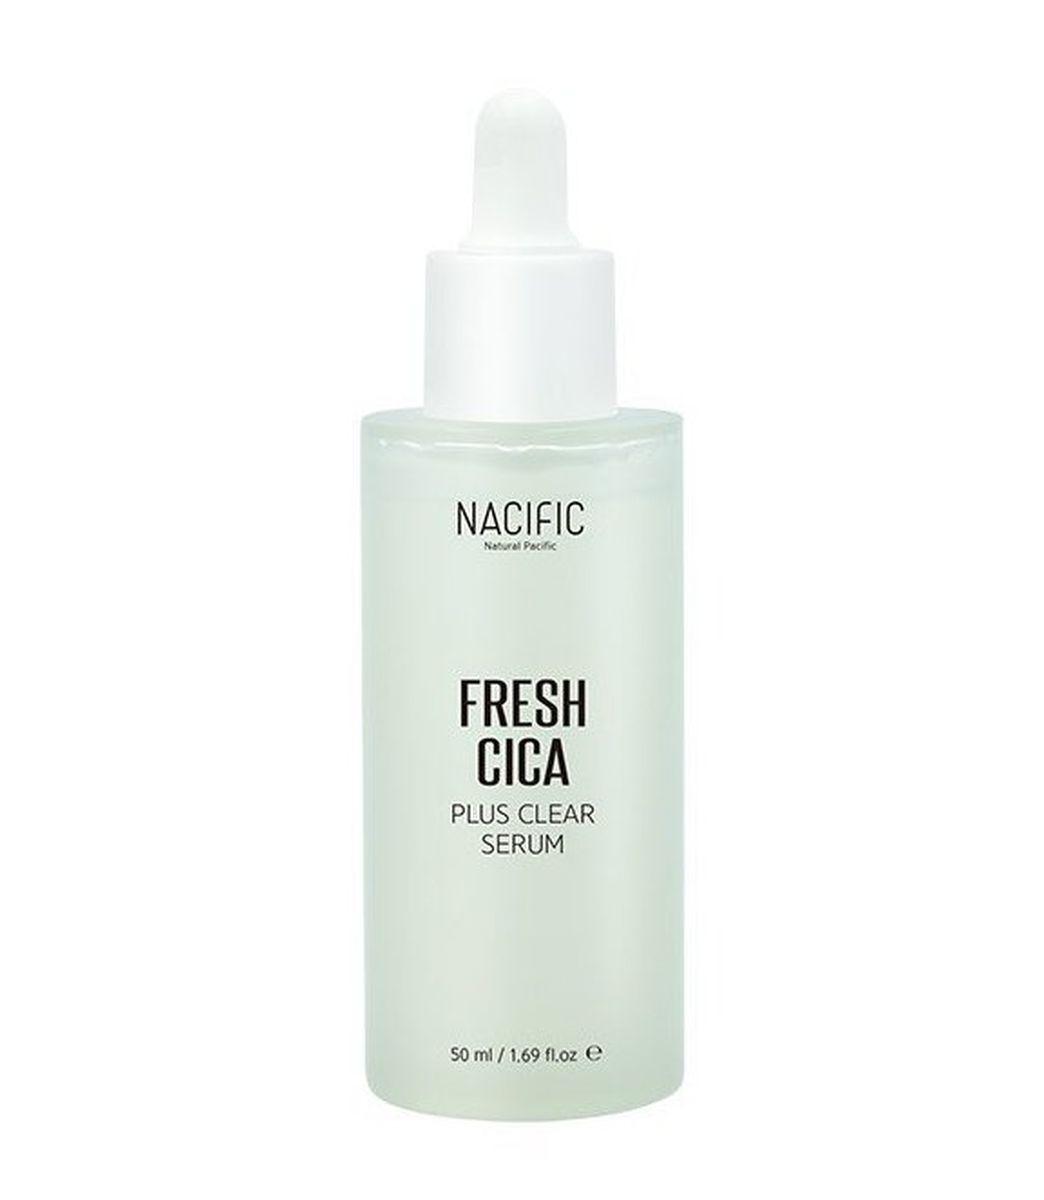 Успокаивающая сыворотка NACIFIC Fresh Cica Plus Clear Serum - 50 мл